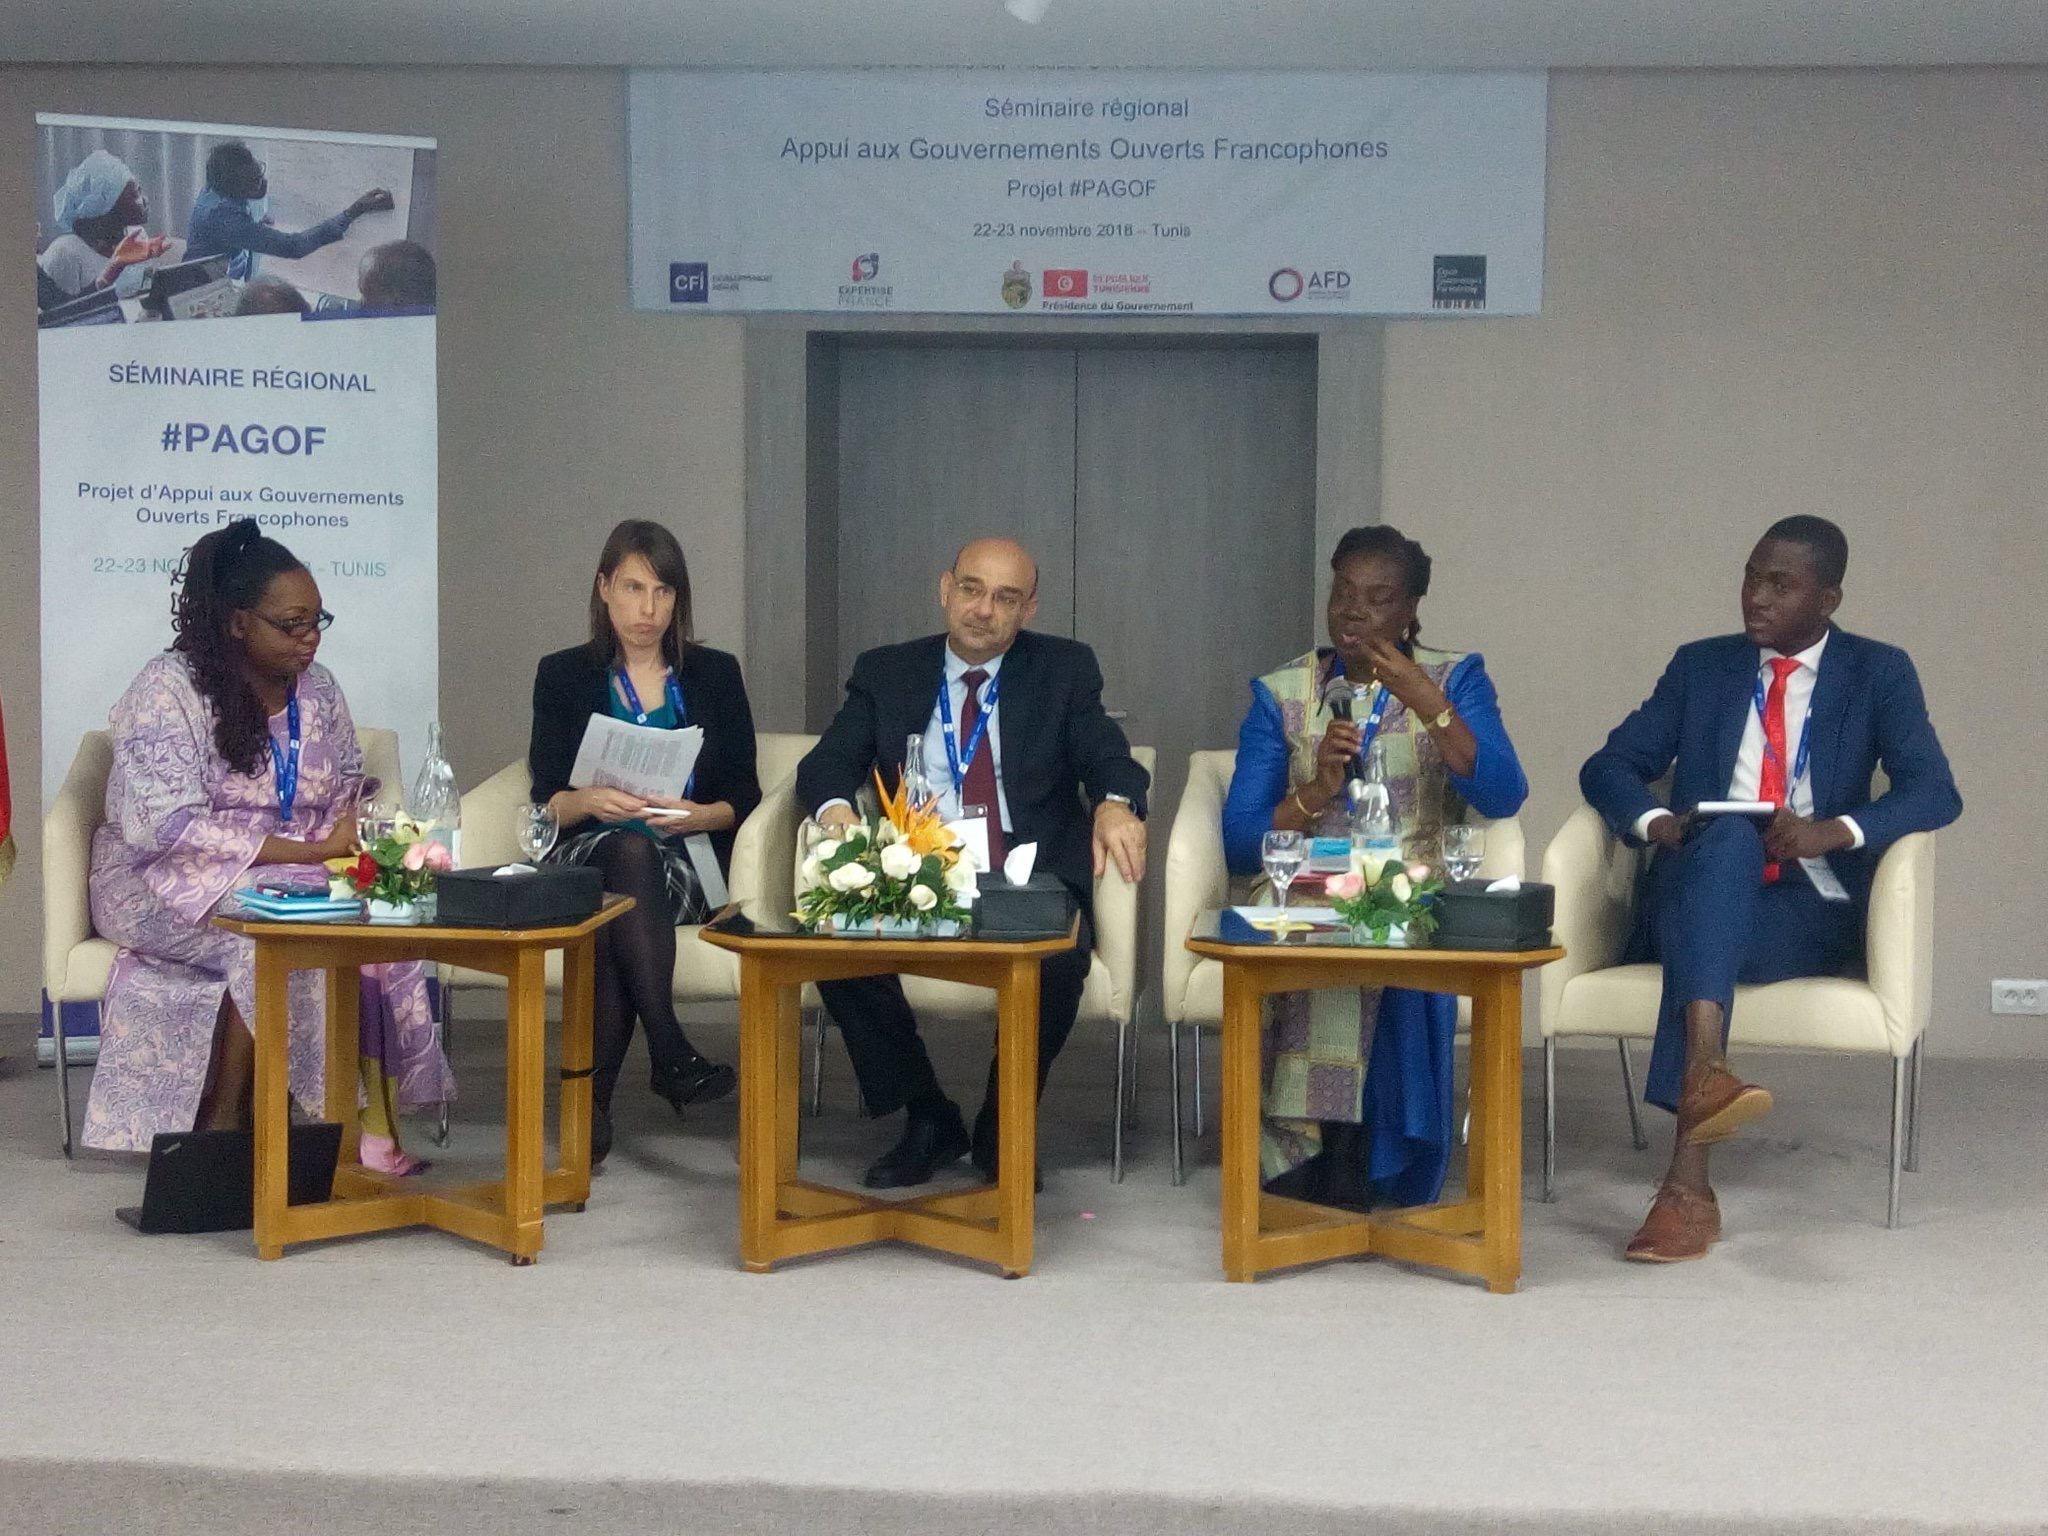 Líderes regionales de OGP compartiendo la experiencia de su país en Seminaire-PAGOF, Túnez, noviembre de 2018